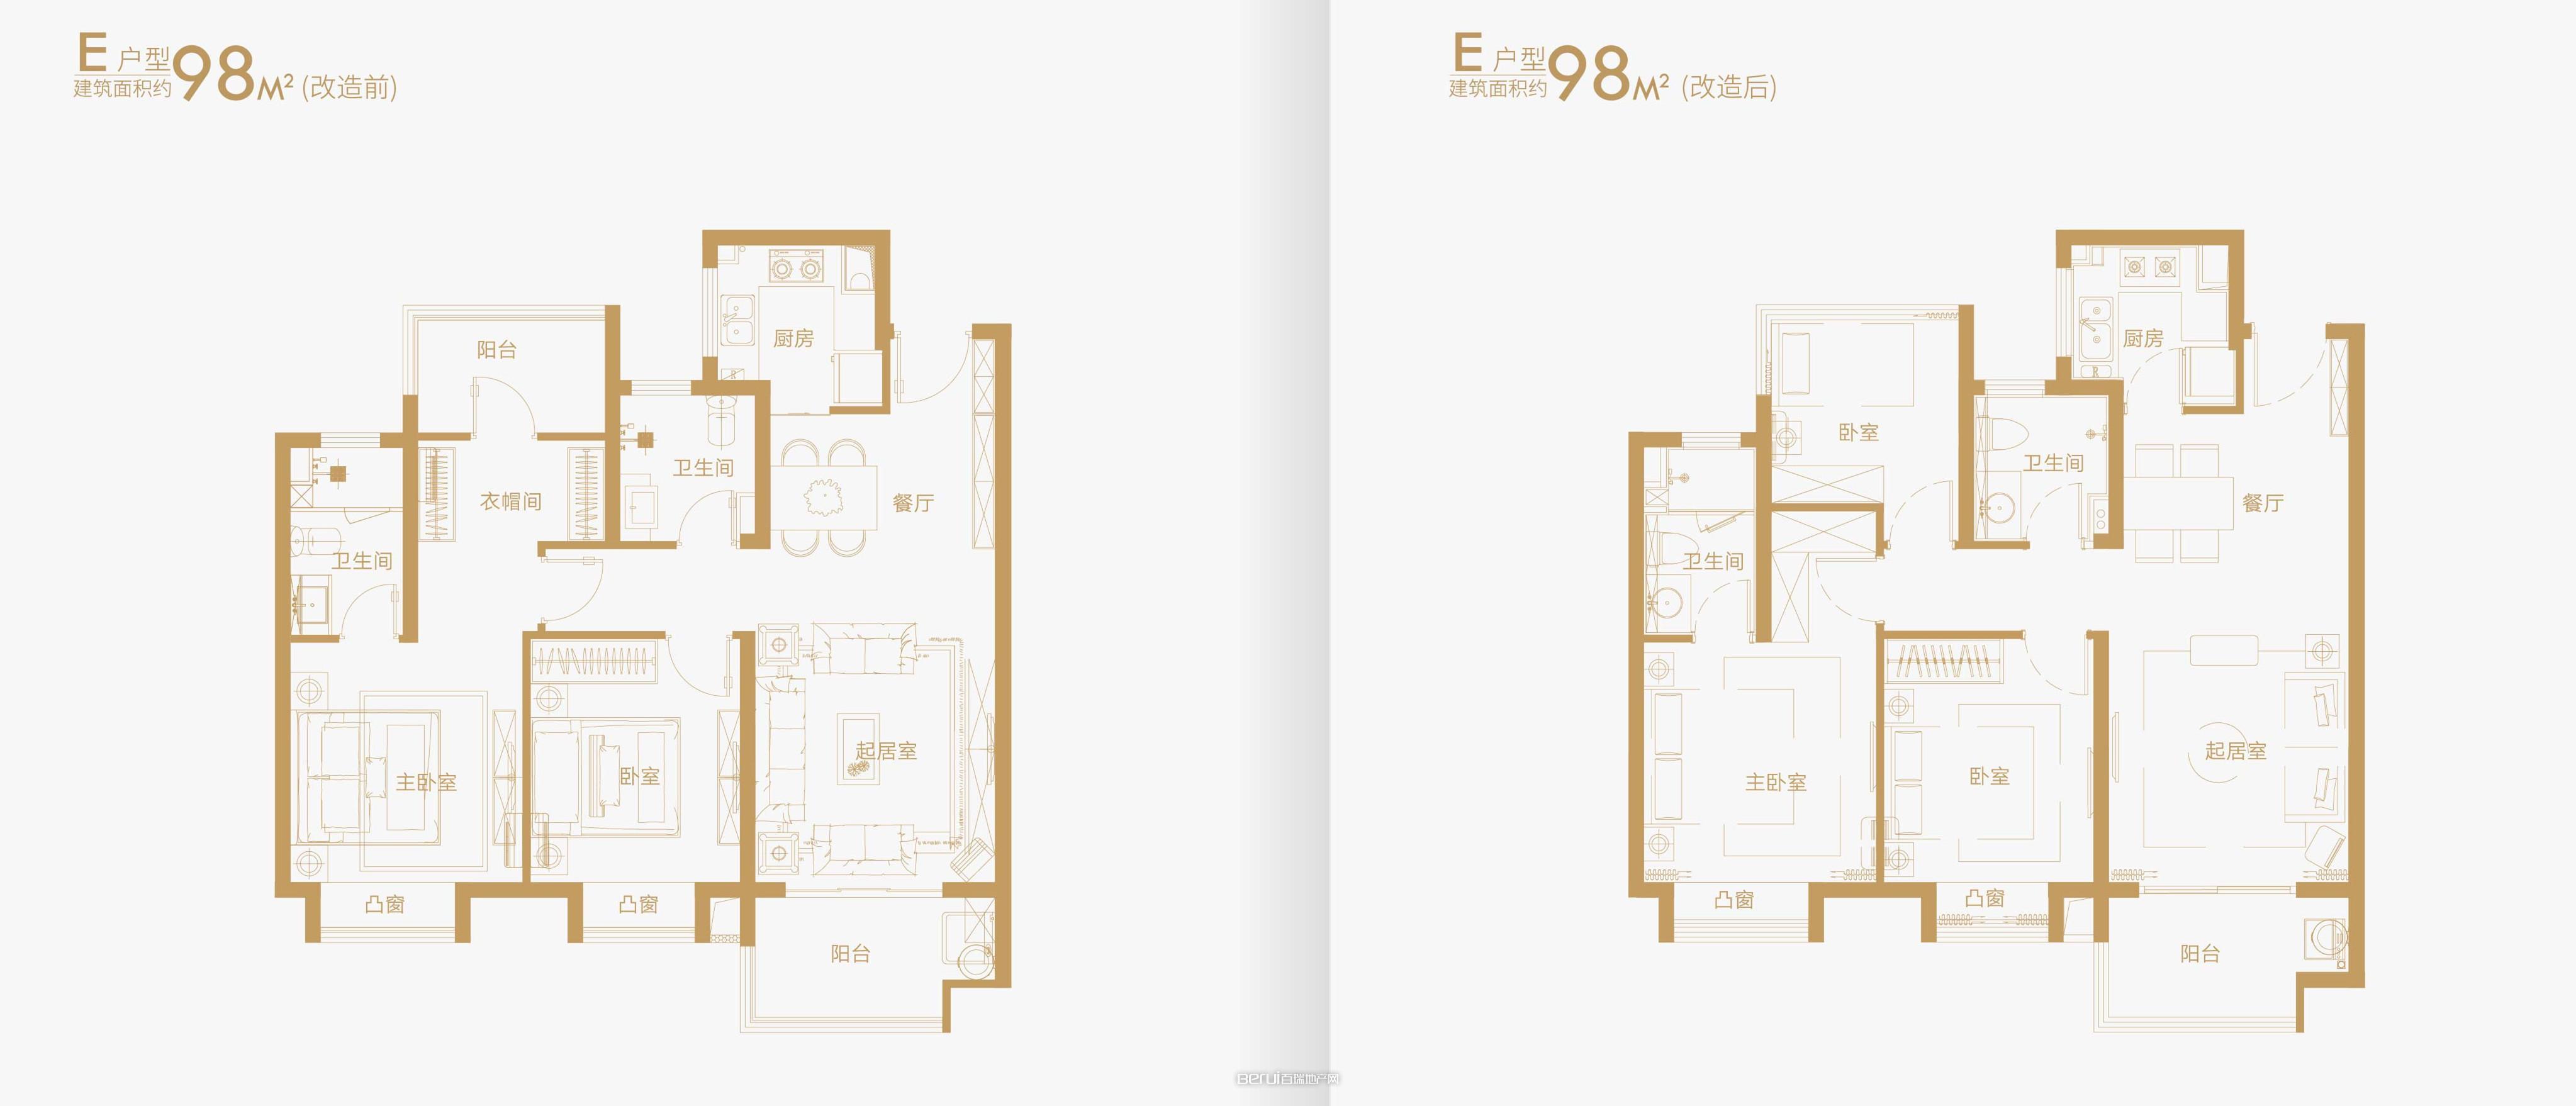 3室2厅2卫98㎡